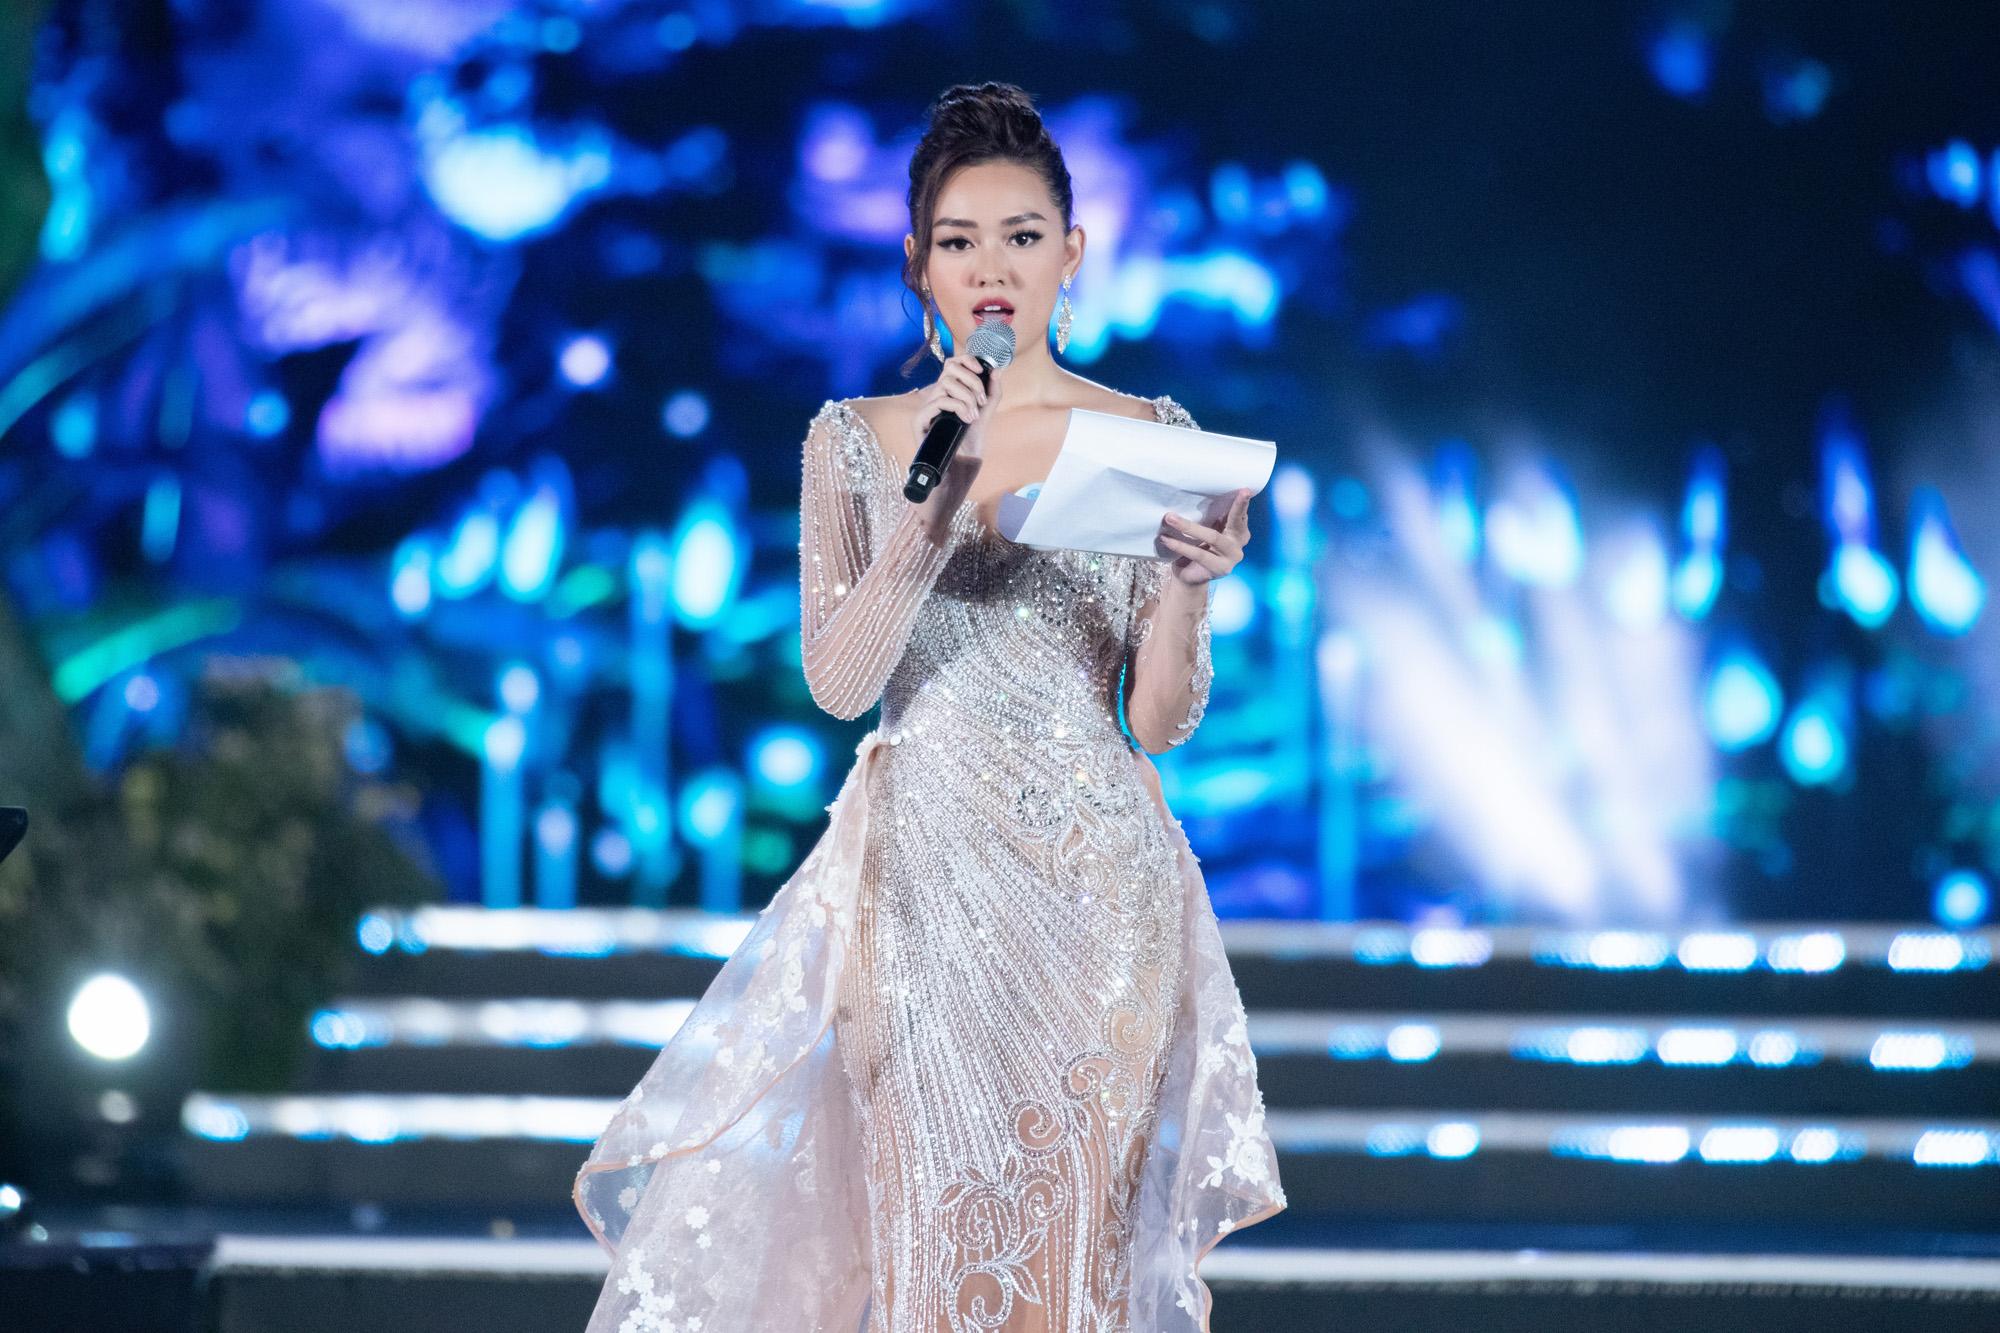 Nữ sinh Ngoại thương quê Cao Bằng đăng quang Hoa hậu Thế giới Việt Nam 2019 - 3